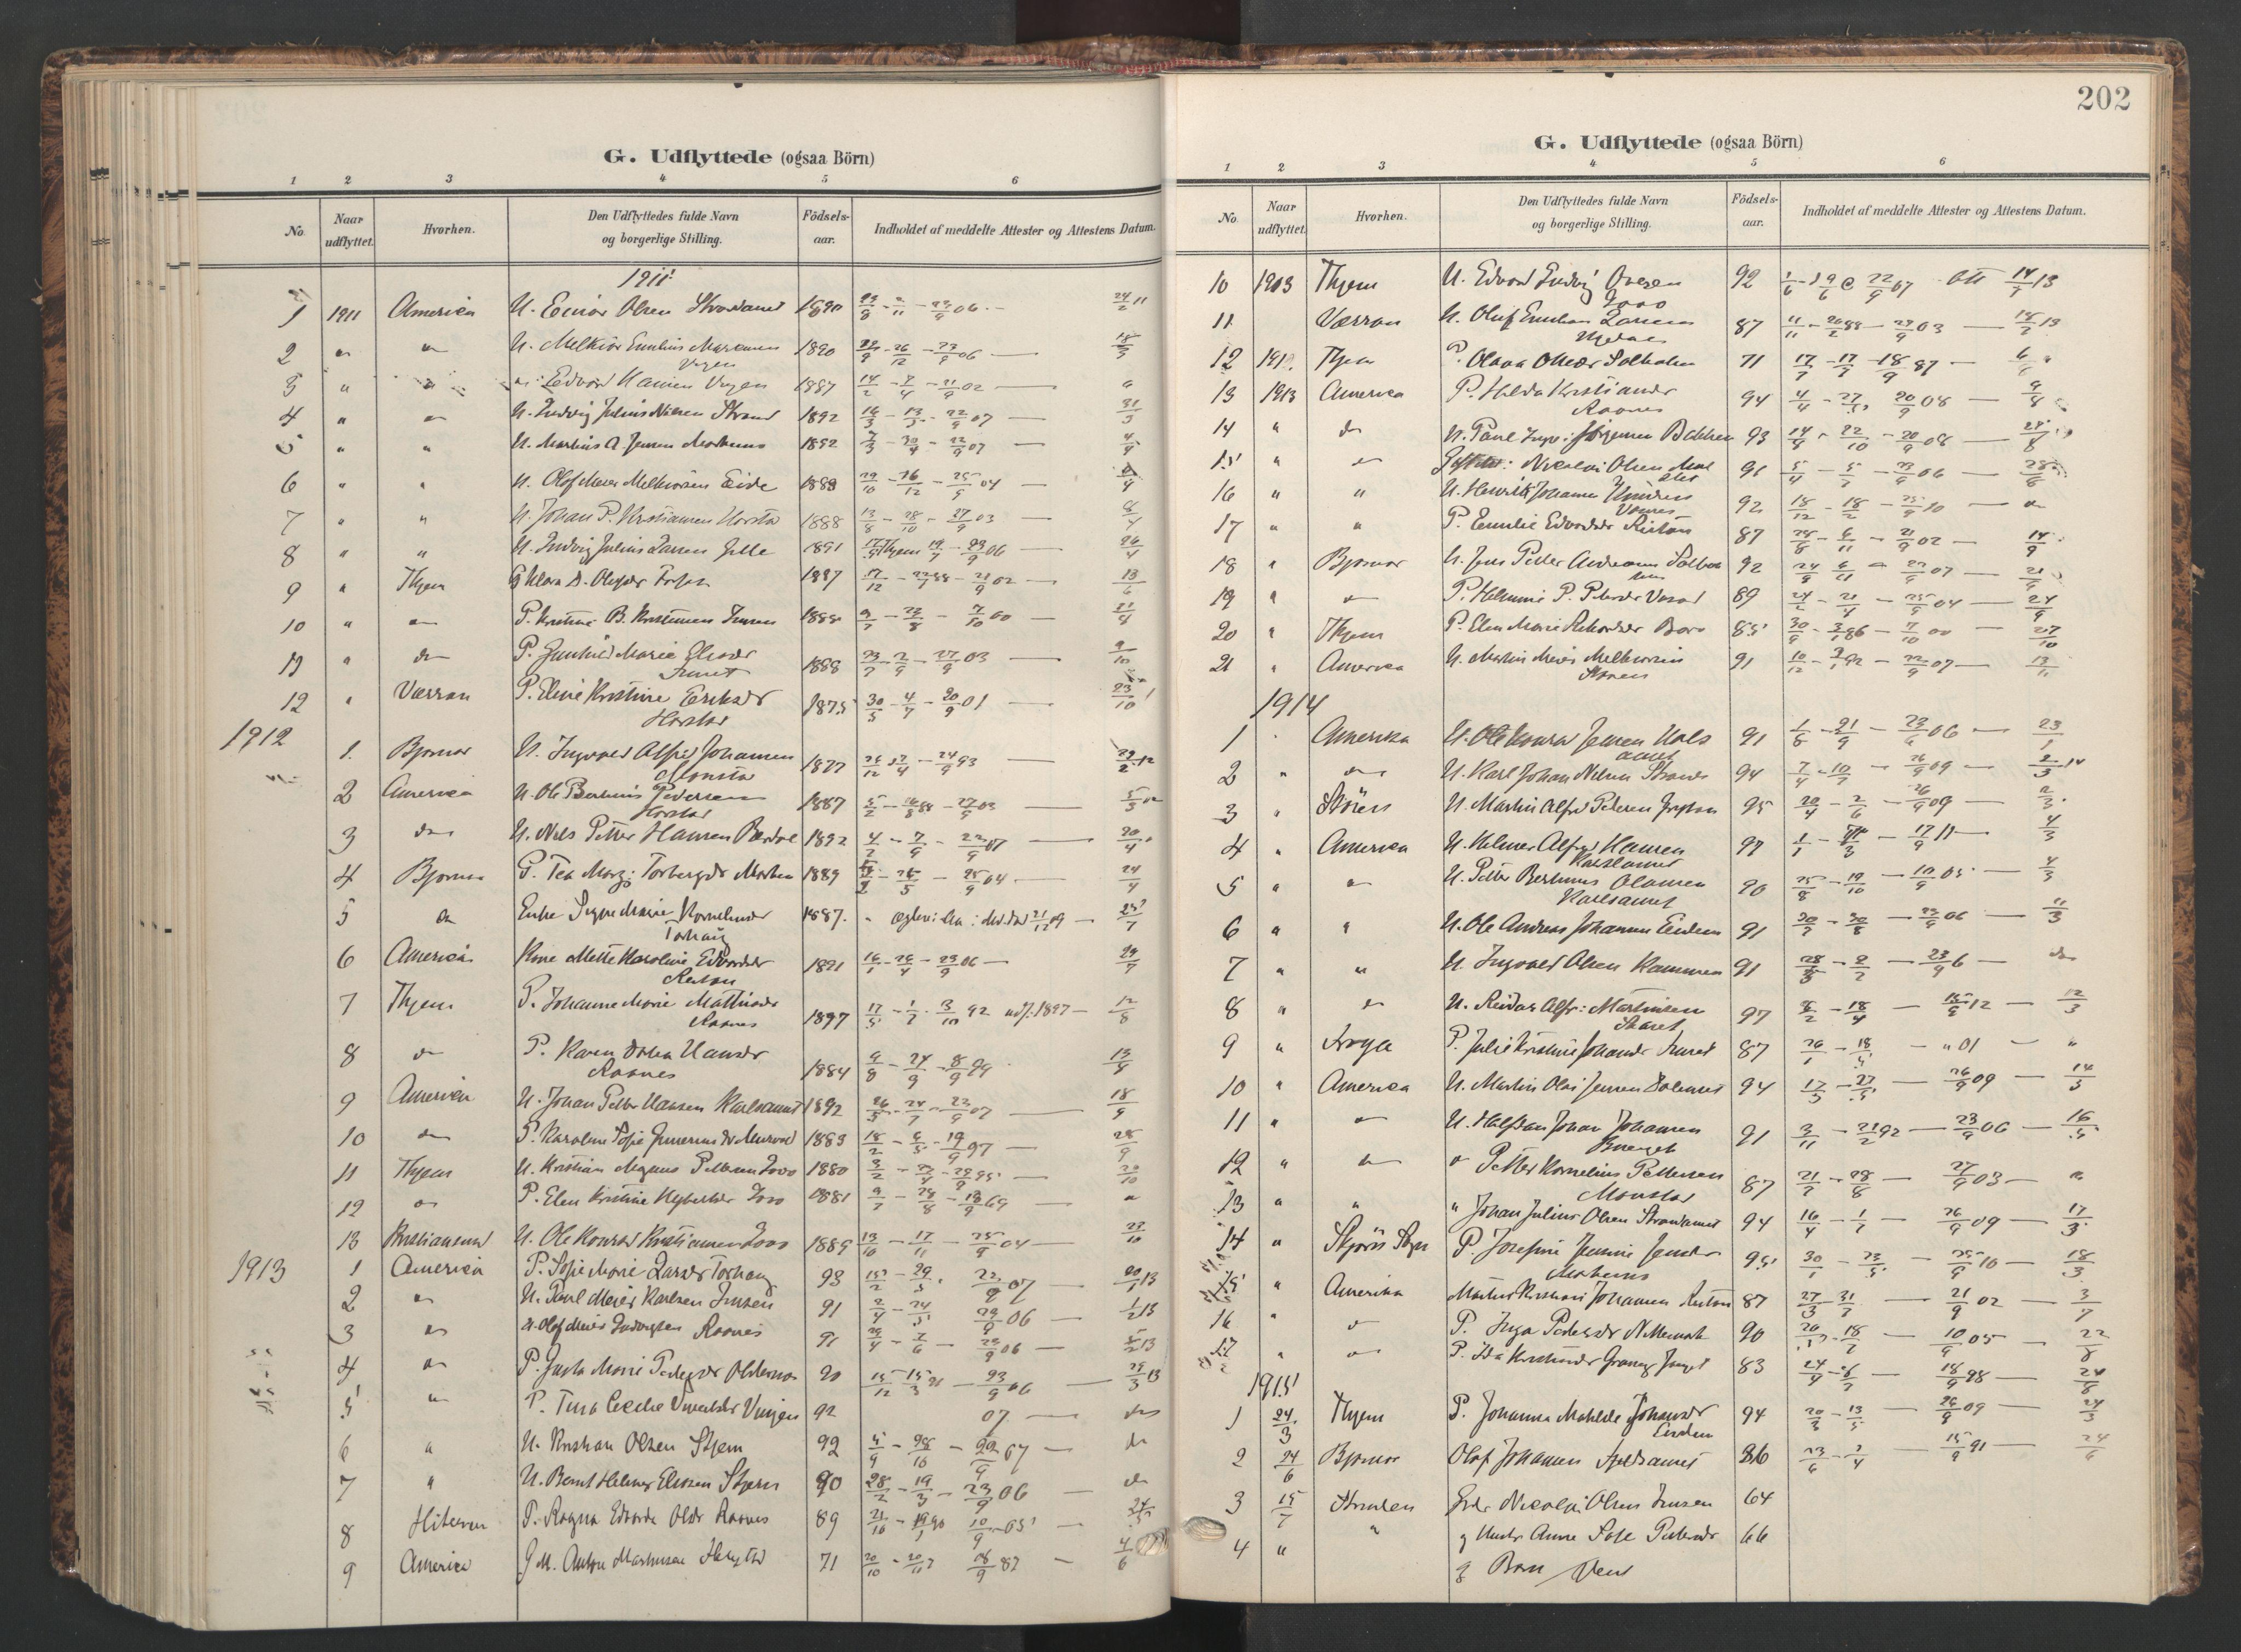 SAT, Ministerialprotokoller, klokkerbøker og fødselsregistre - Sør-Trøndelag, 655/L0682: Ministerialbok nr. 655A11, 1908-1922, s. 202